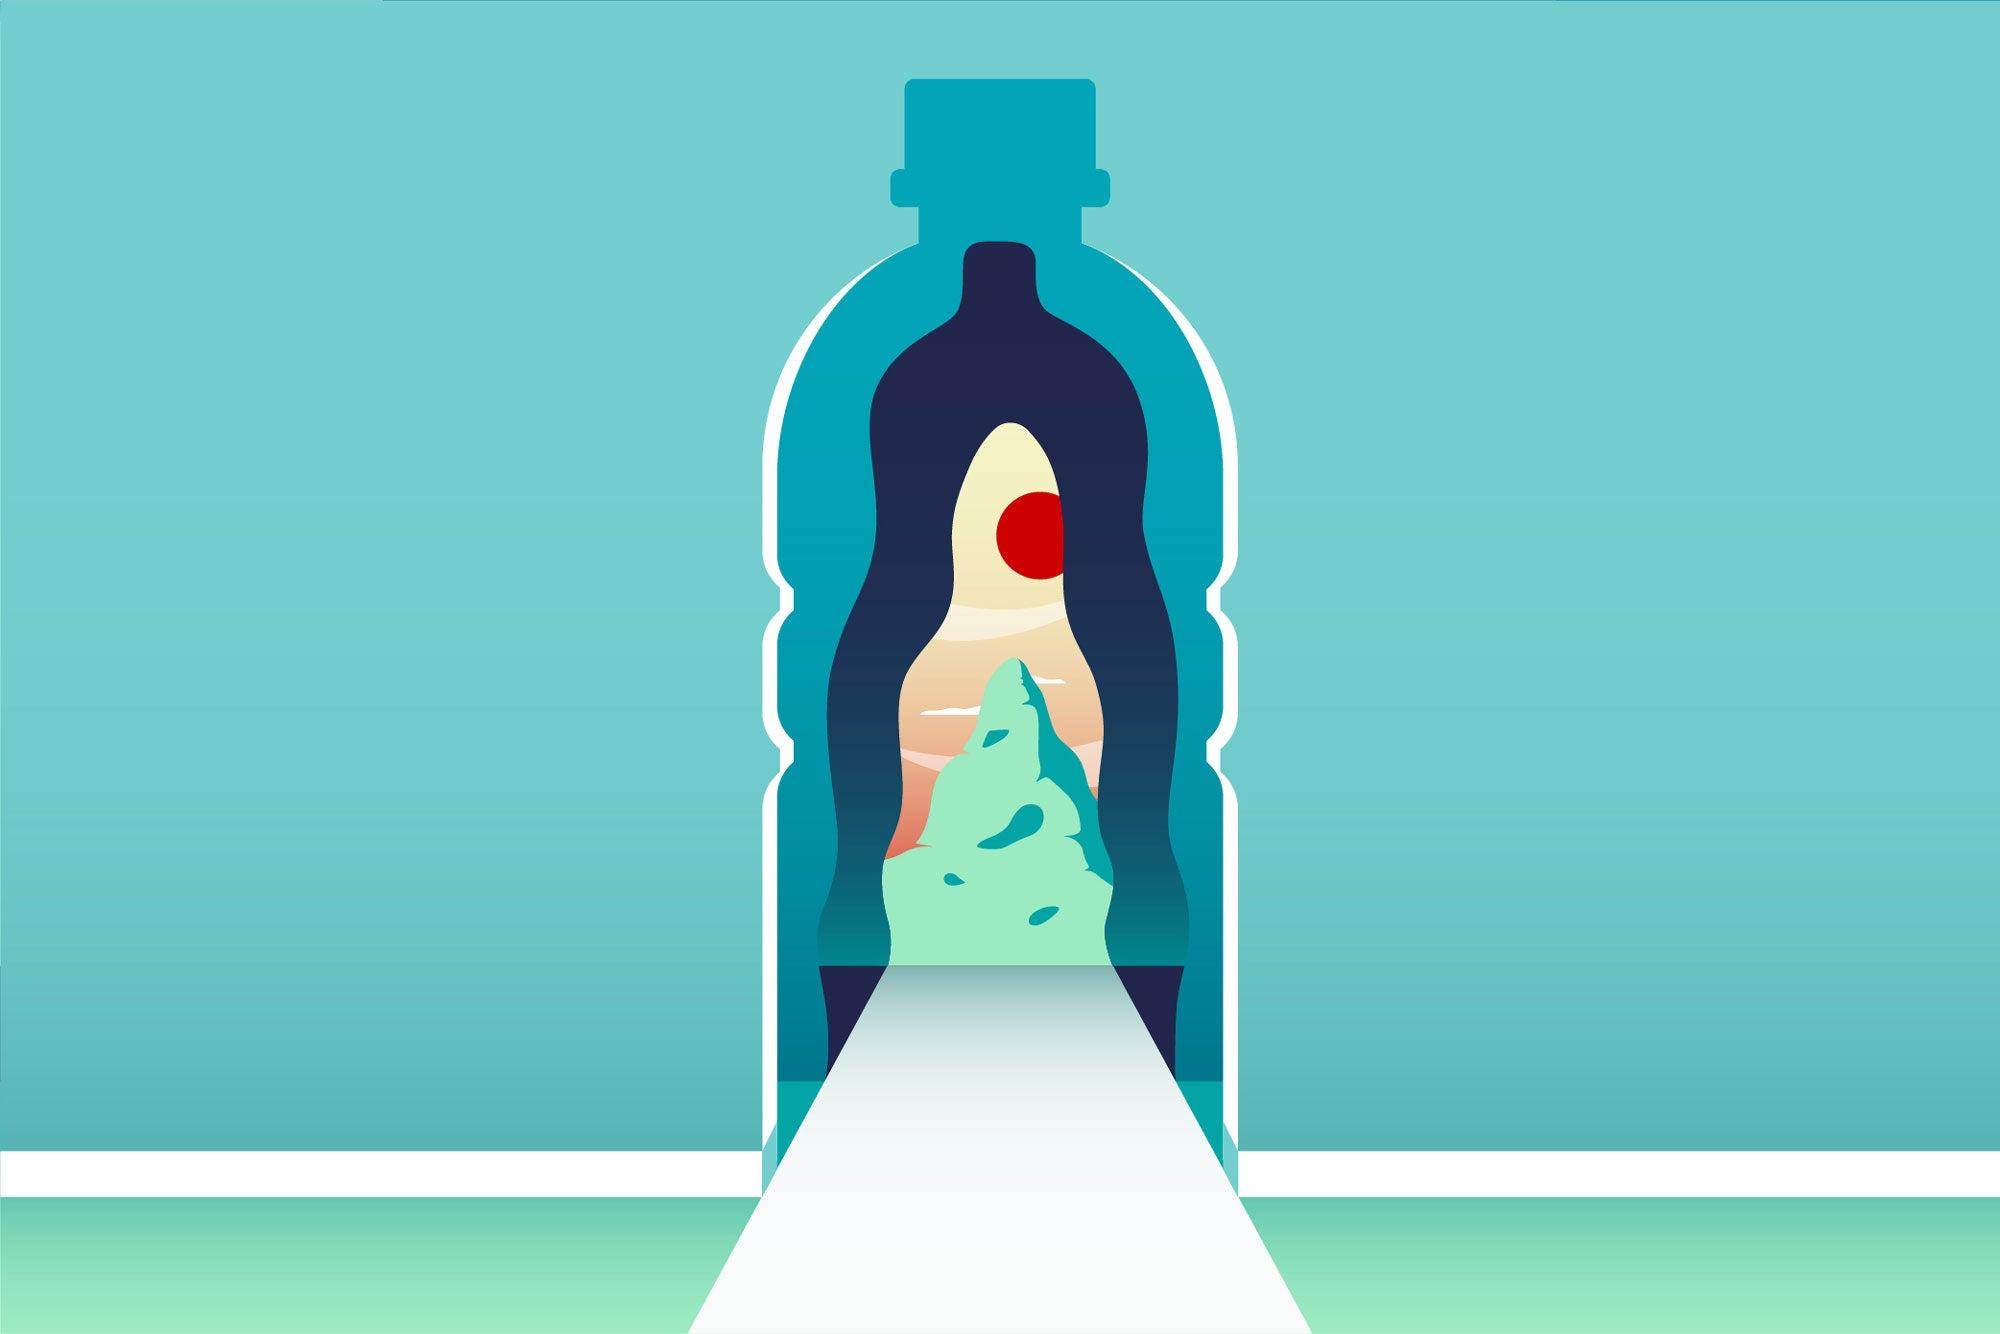 Биопластик так же токсичен, как и обычная пластмасса. Исследование